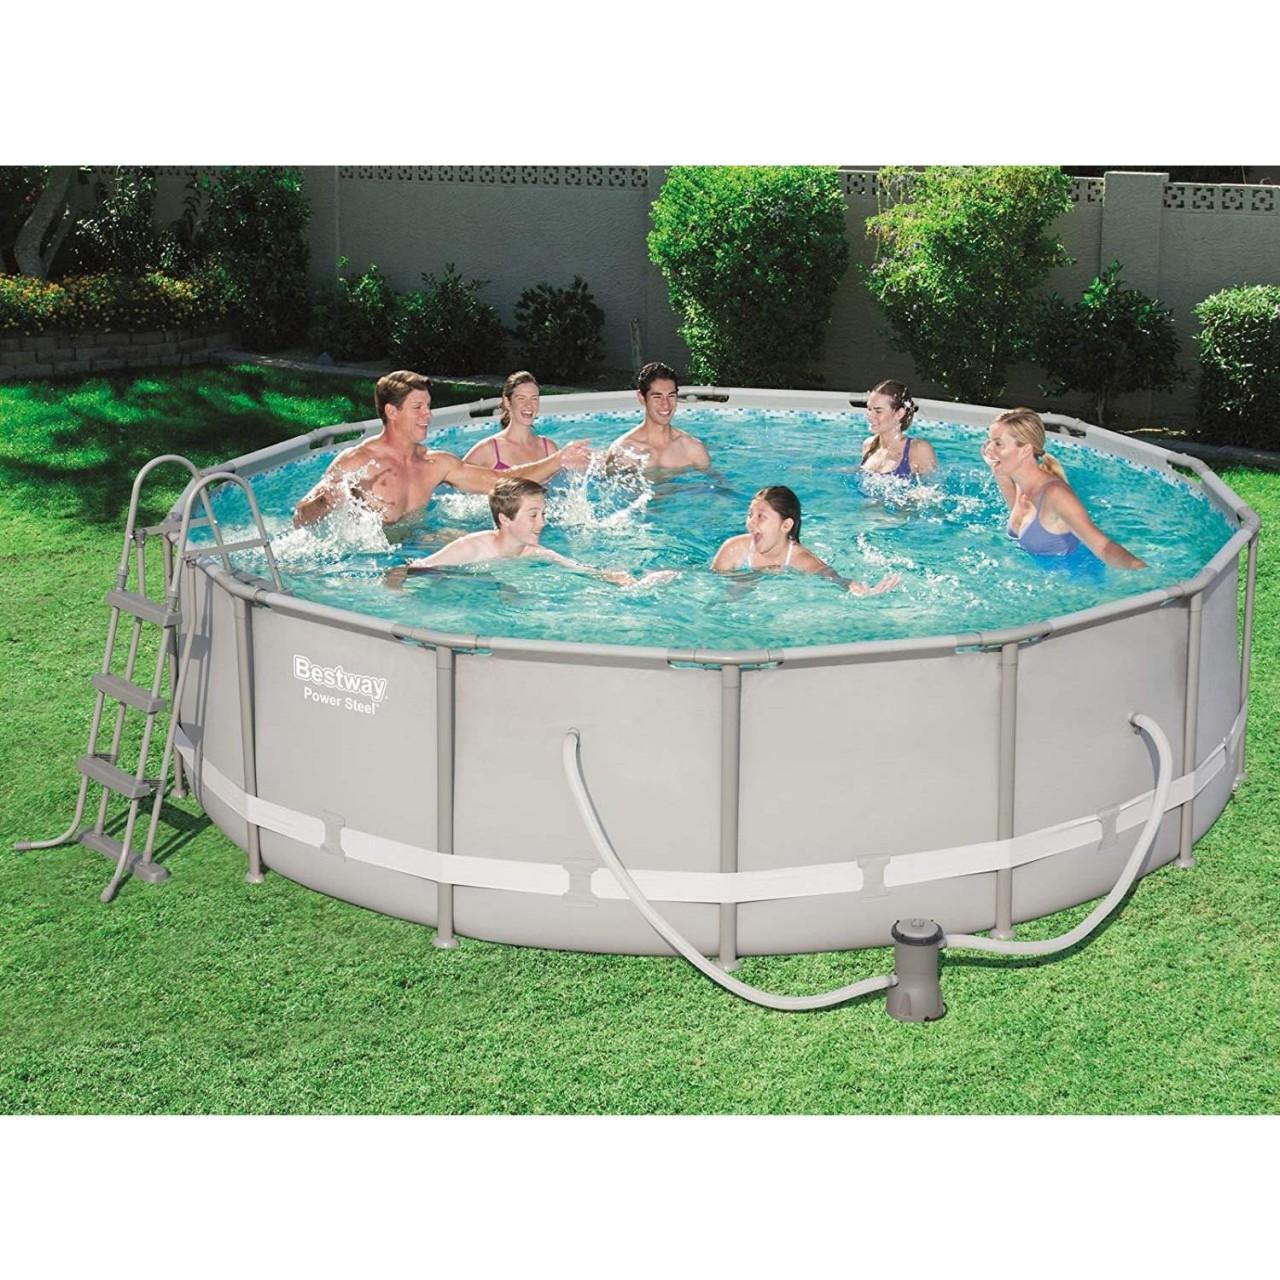 Bestway 56641 Frame Pool Power Steel 427x107 cm mit Filterpumpe Leiter Zubehör